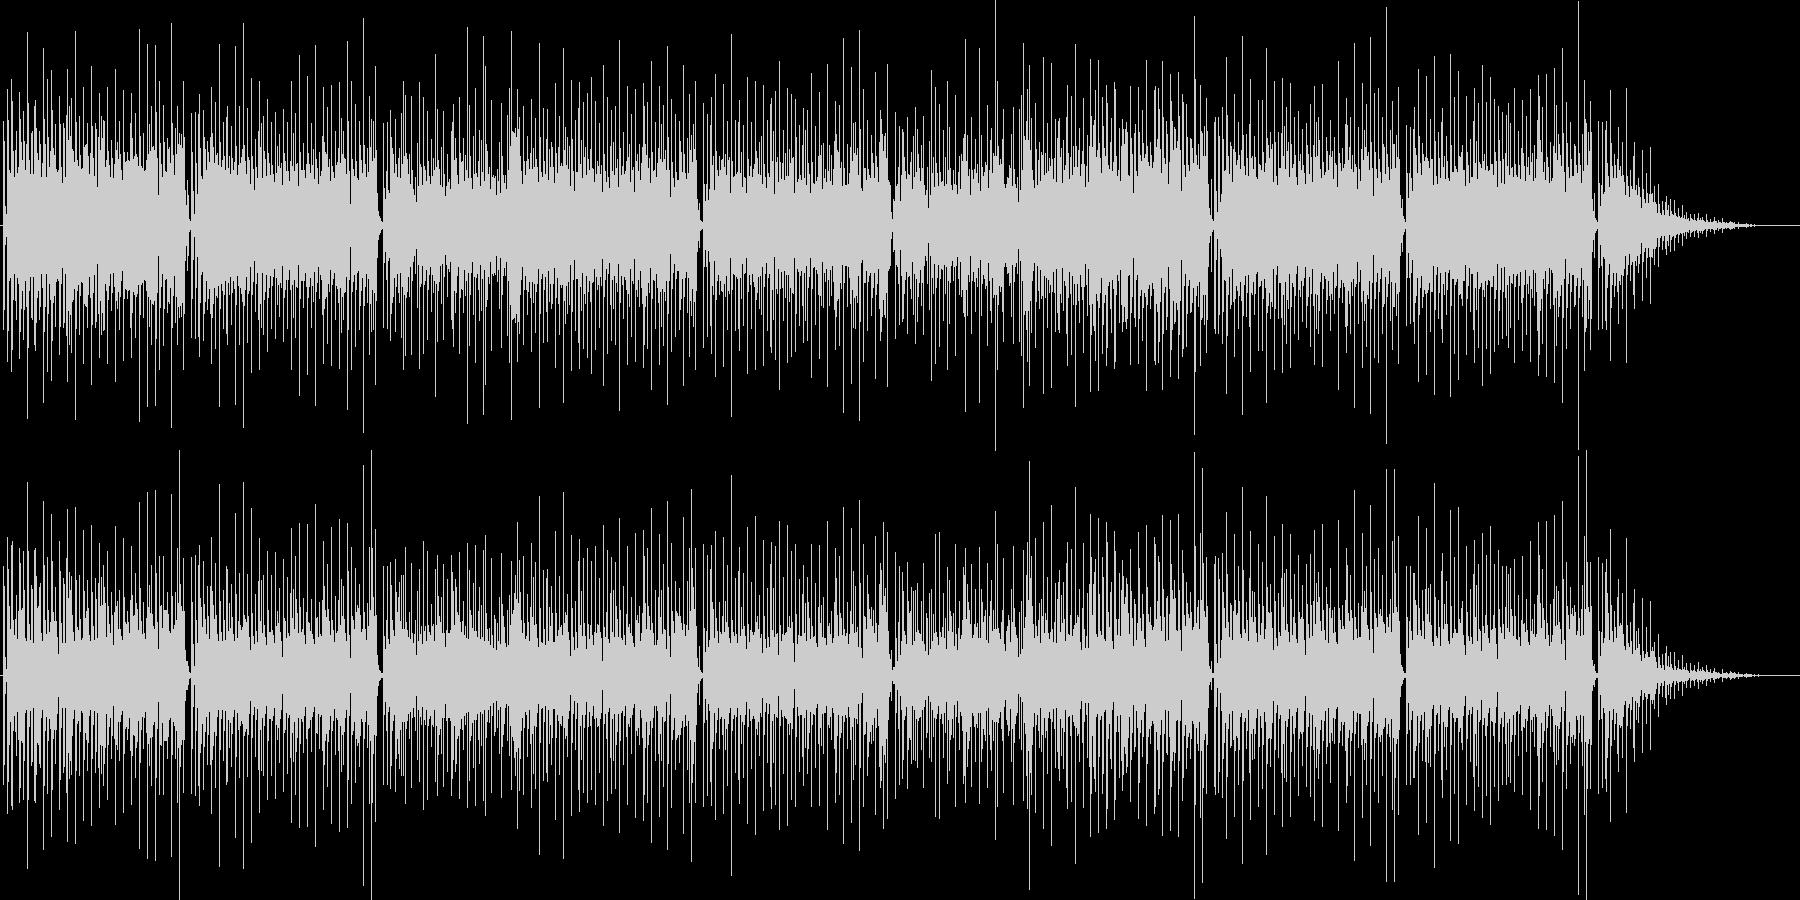 ほのぼのとしたブルースの未再生の波形